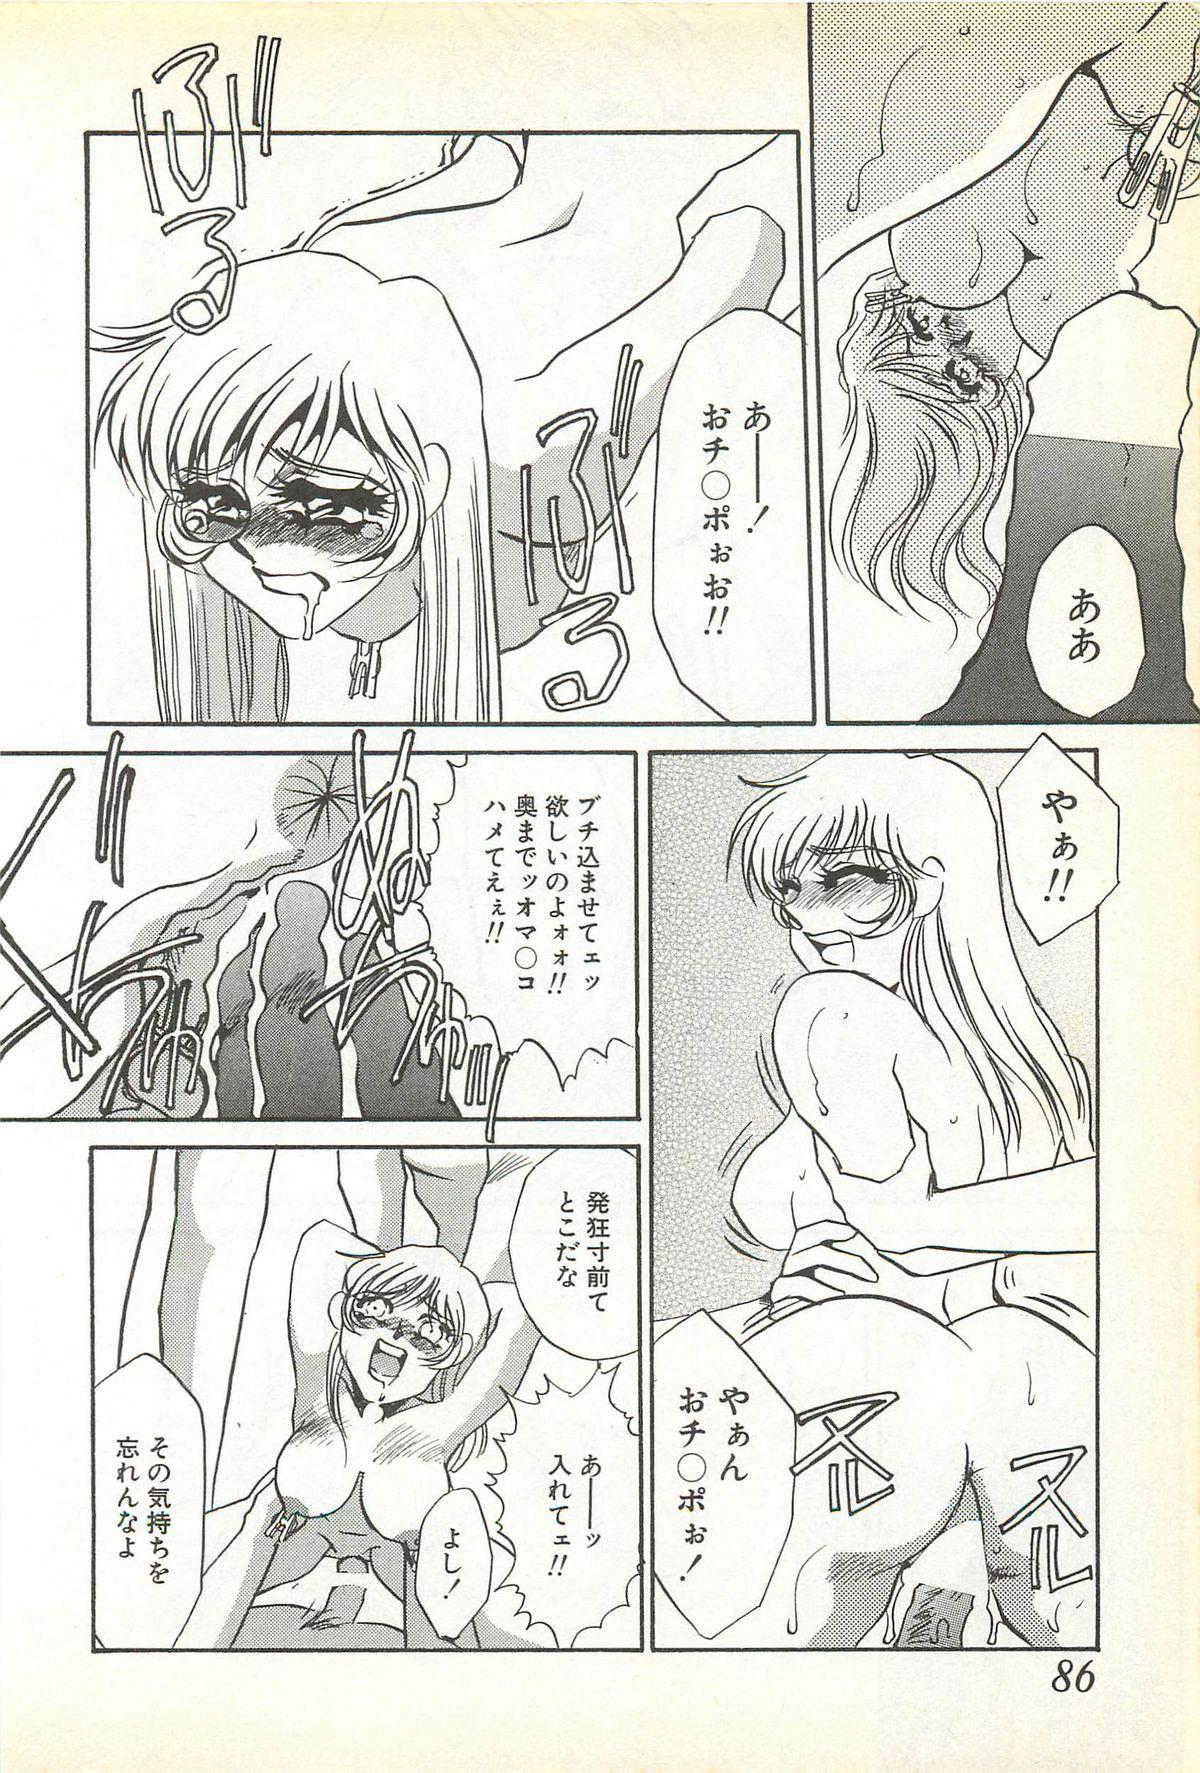 Chigyaku no Heya - A Shameful Punishment Room 81